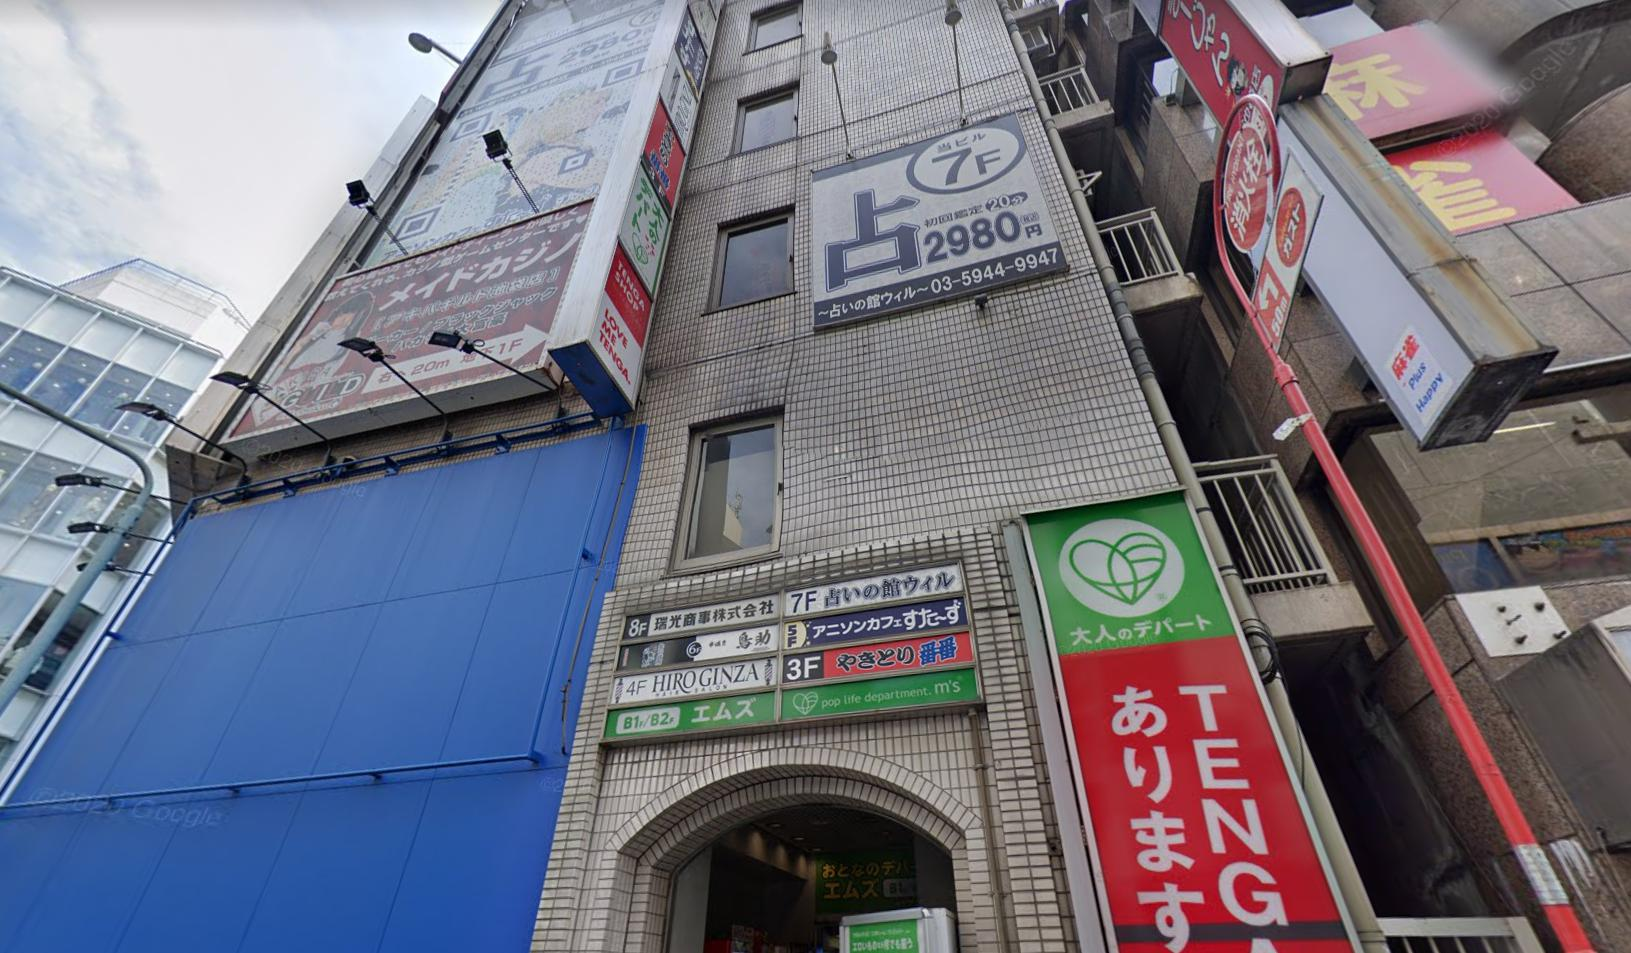 池袋の「占いの館ウィル 東京池袋店」